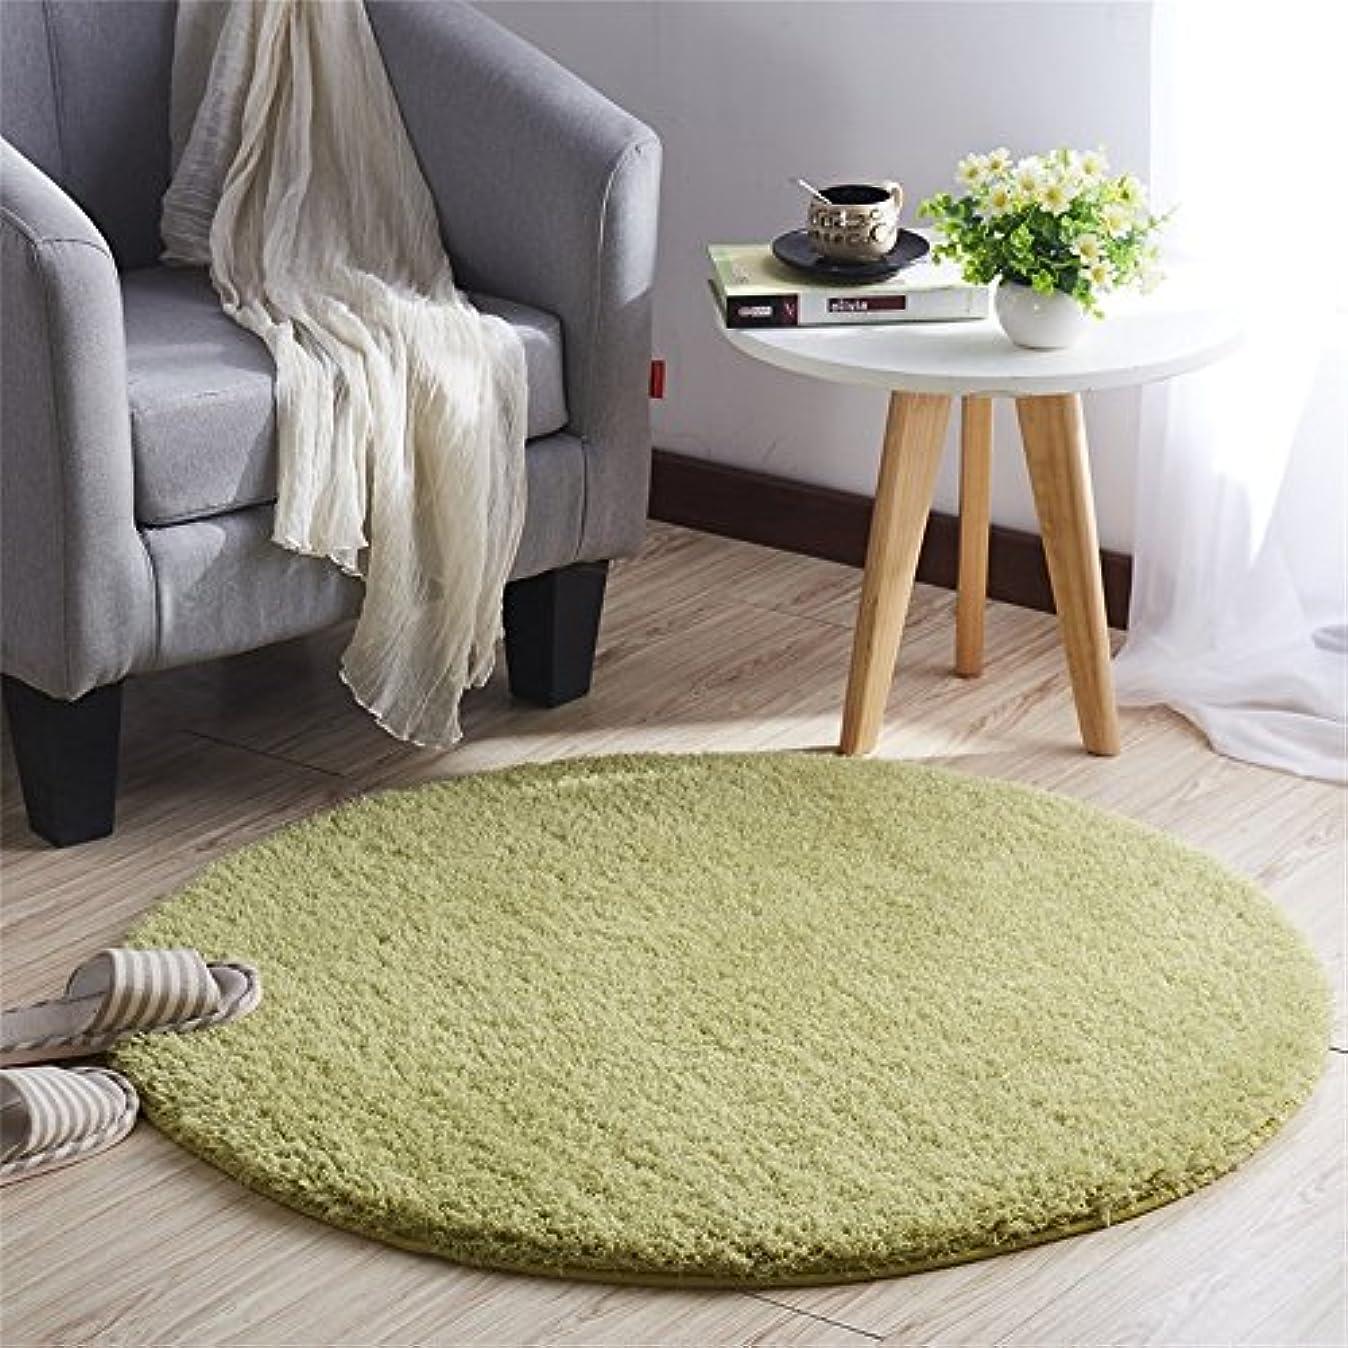 責めバッチ印象的なCLAXAM 一瞬だけでとろけそう~!ラブリーシャギーラグ 丸い絨毯 極上の繊細さと柔らかさ、サラサラな質感で、あなたの欠かせない家飾りの味方 (80cm, グラスグリーン)